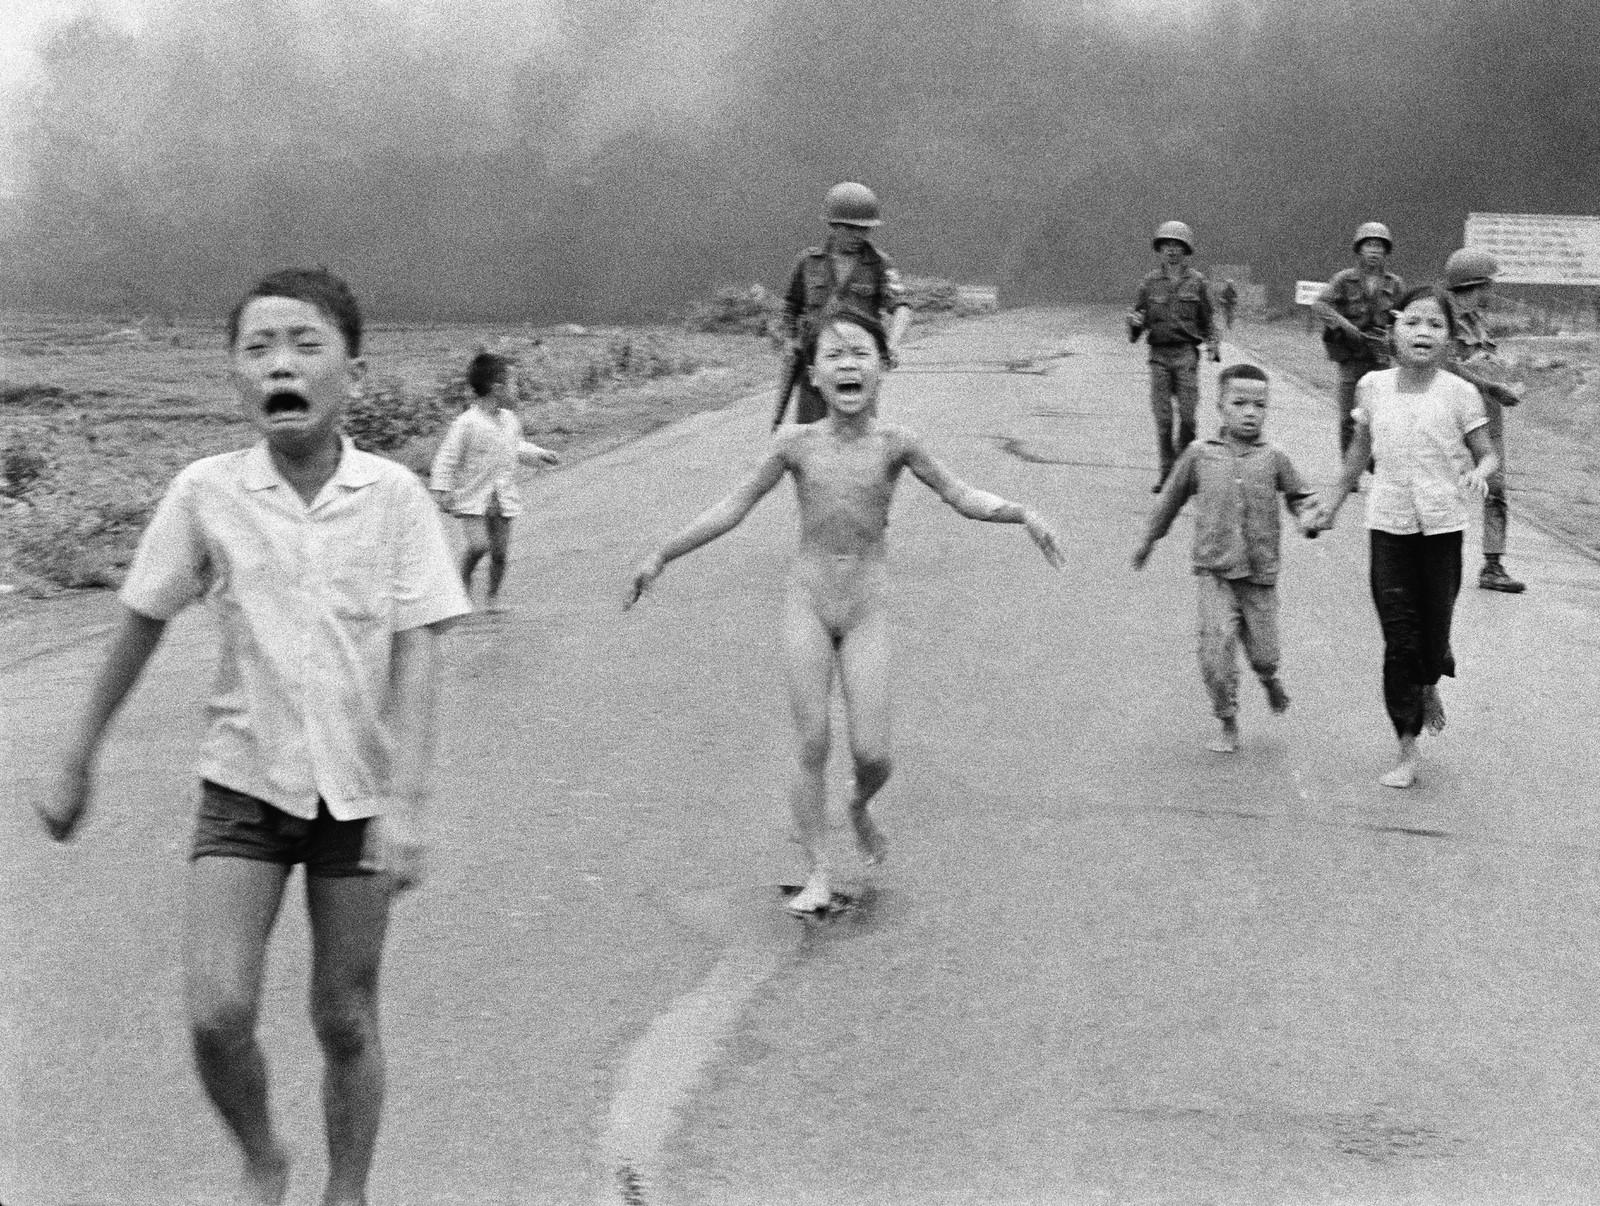 LIVREDDE: Vietnamesiske barn løper vekk fra landsbyen der de bor, fordi den blir bombet med napalm. Bildet er tatt 8. juni 1972.